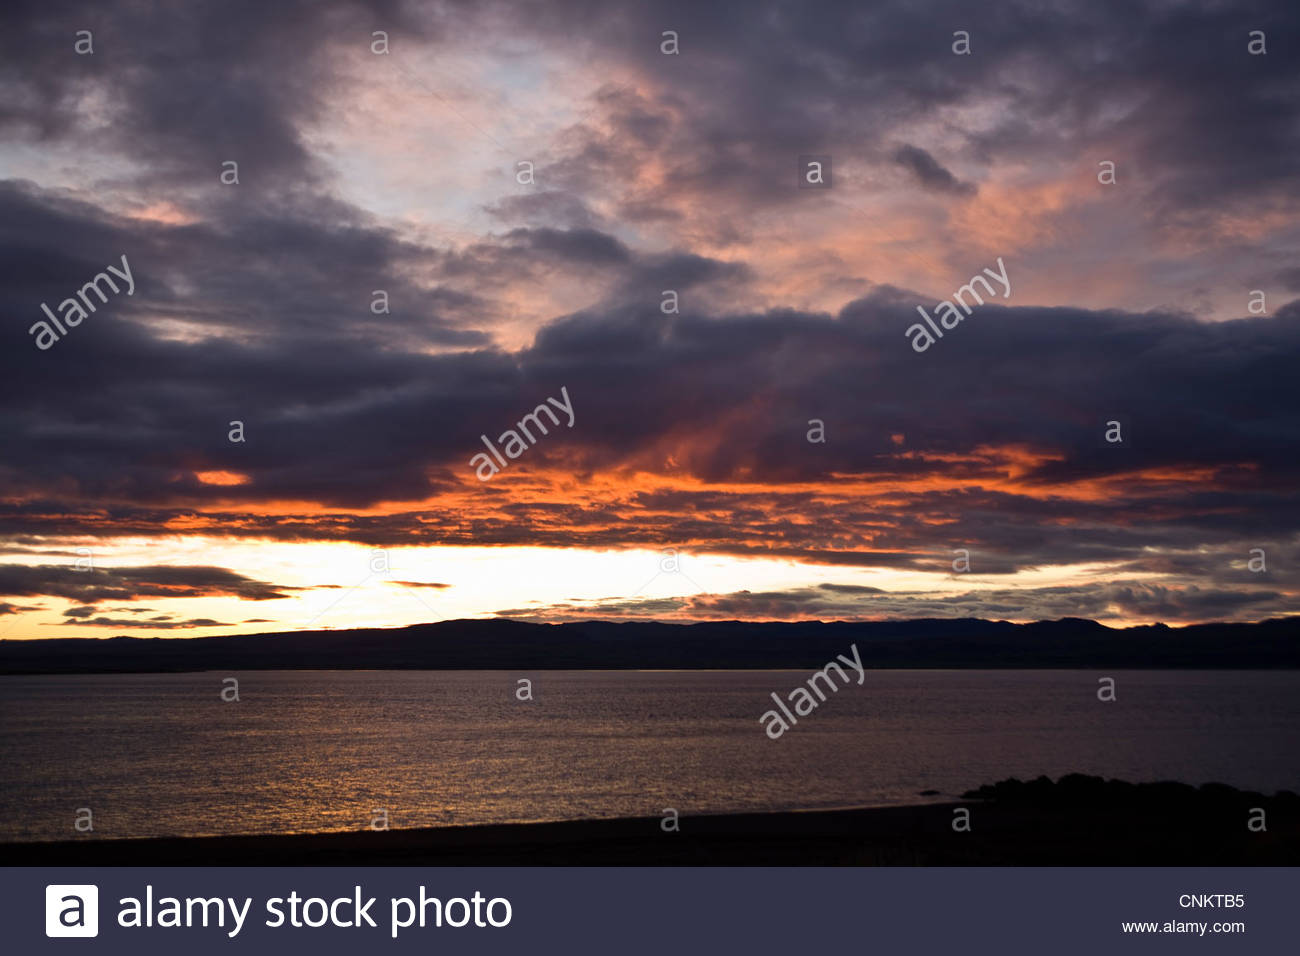 Dramatische Wolken über ländliche Landschaft Stockbild